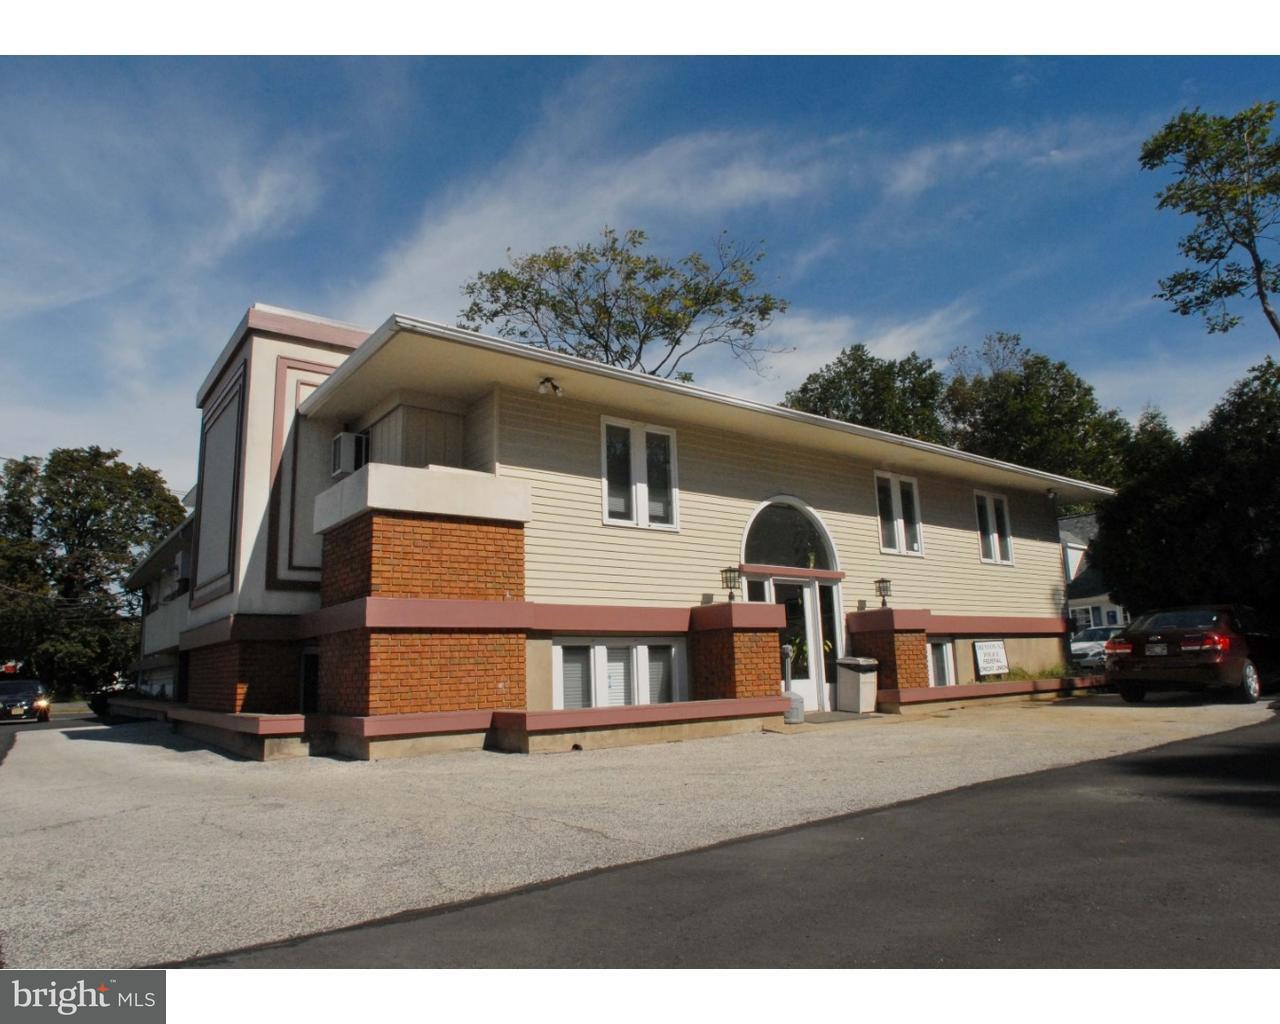 Частный односемейный дом для того Продажа на 2733 NOTTINGHAM WAY Trenton, Нью-Джерси 08619 Соединенные ШтатыВ/Около: Hamilton Township